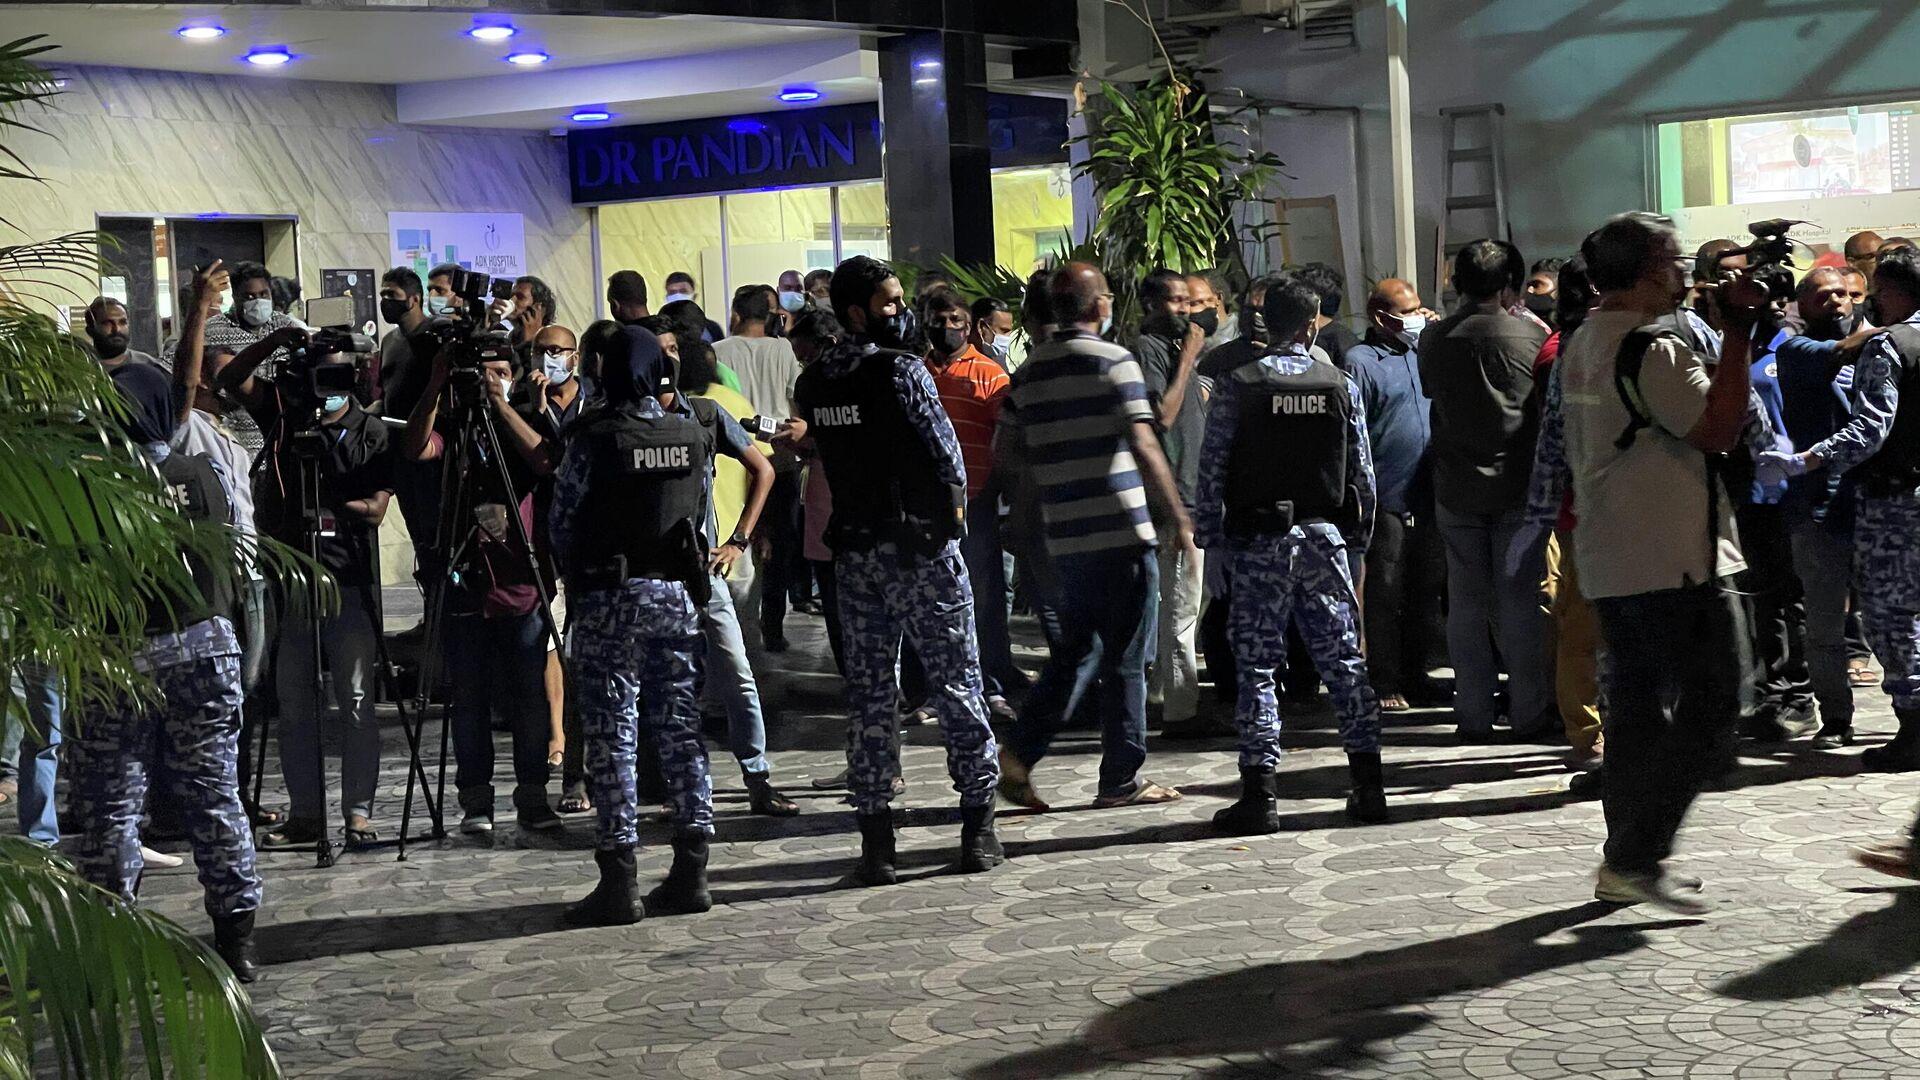 Polizeieinsatz vor der Klinik Adk in Male, wo der Ex-Präsident der Malediven, Mohamed Nasheed, behandelt wird - SNA, 1920, 08.05.2021